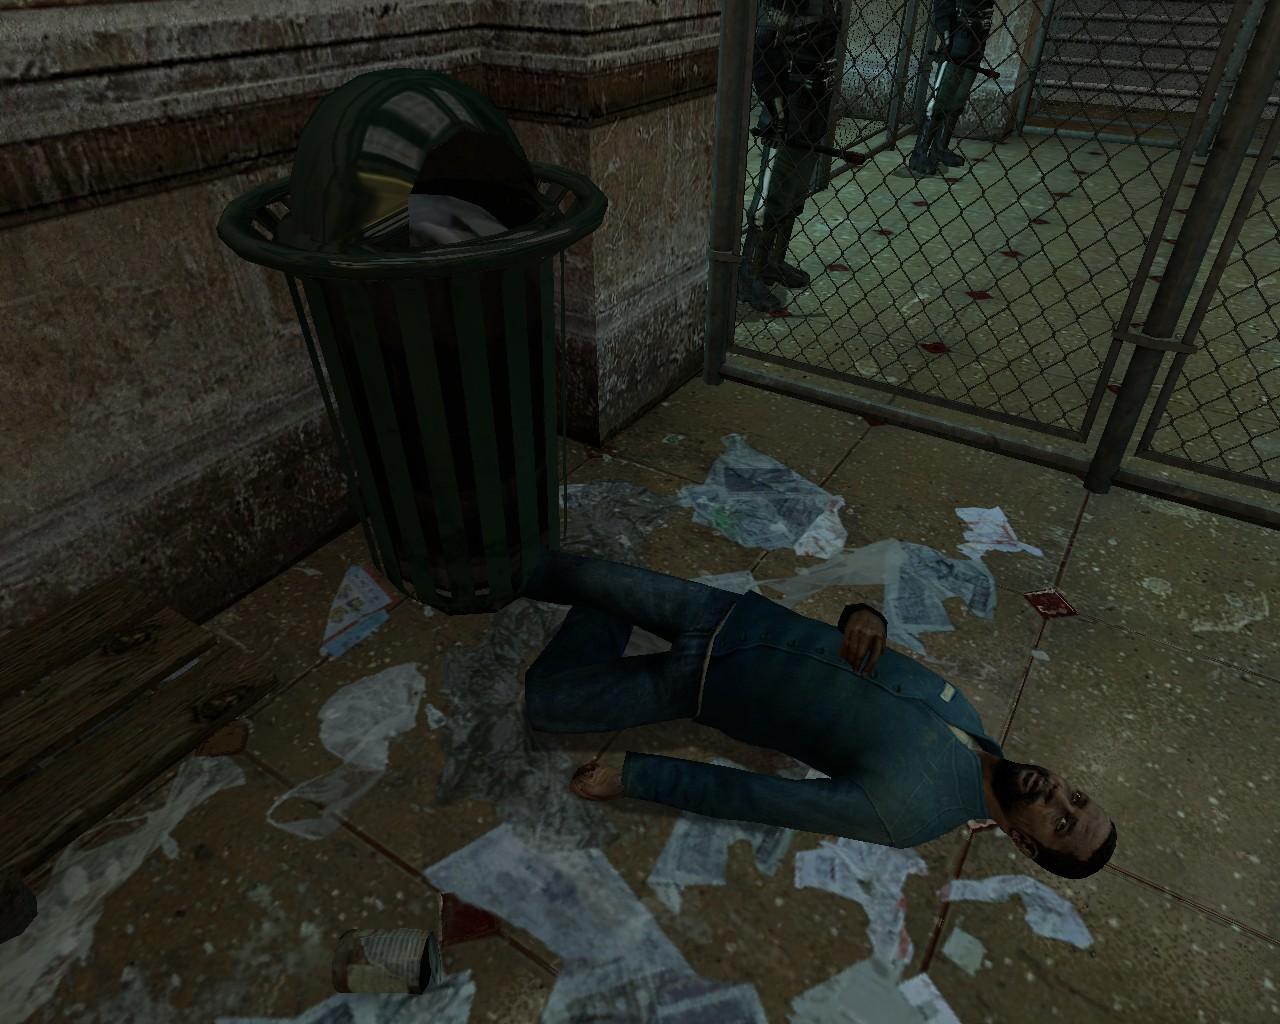 d1_trainstation_010005.jpg - Half-Life 2